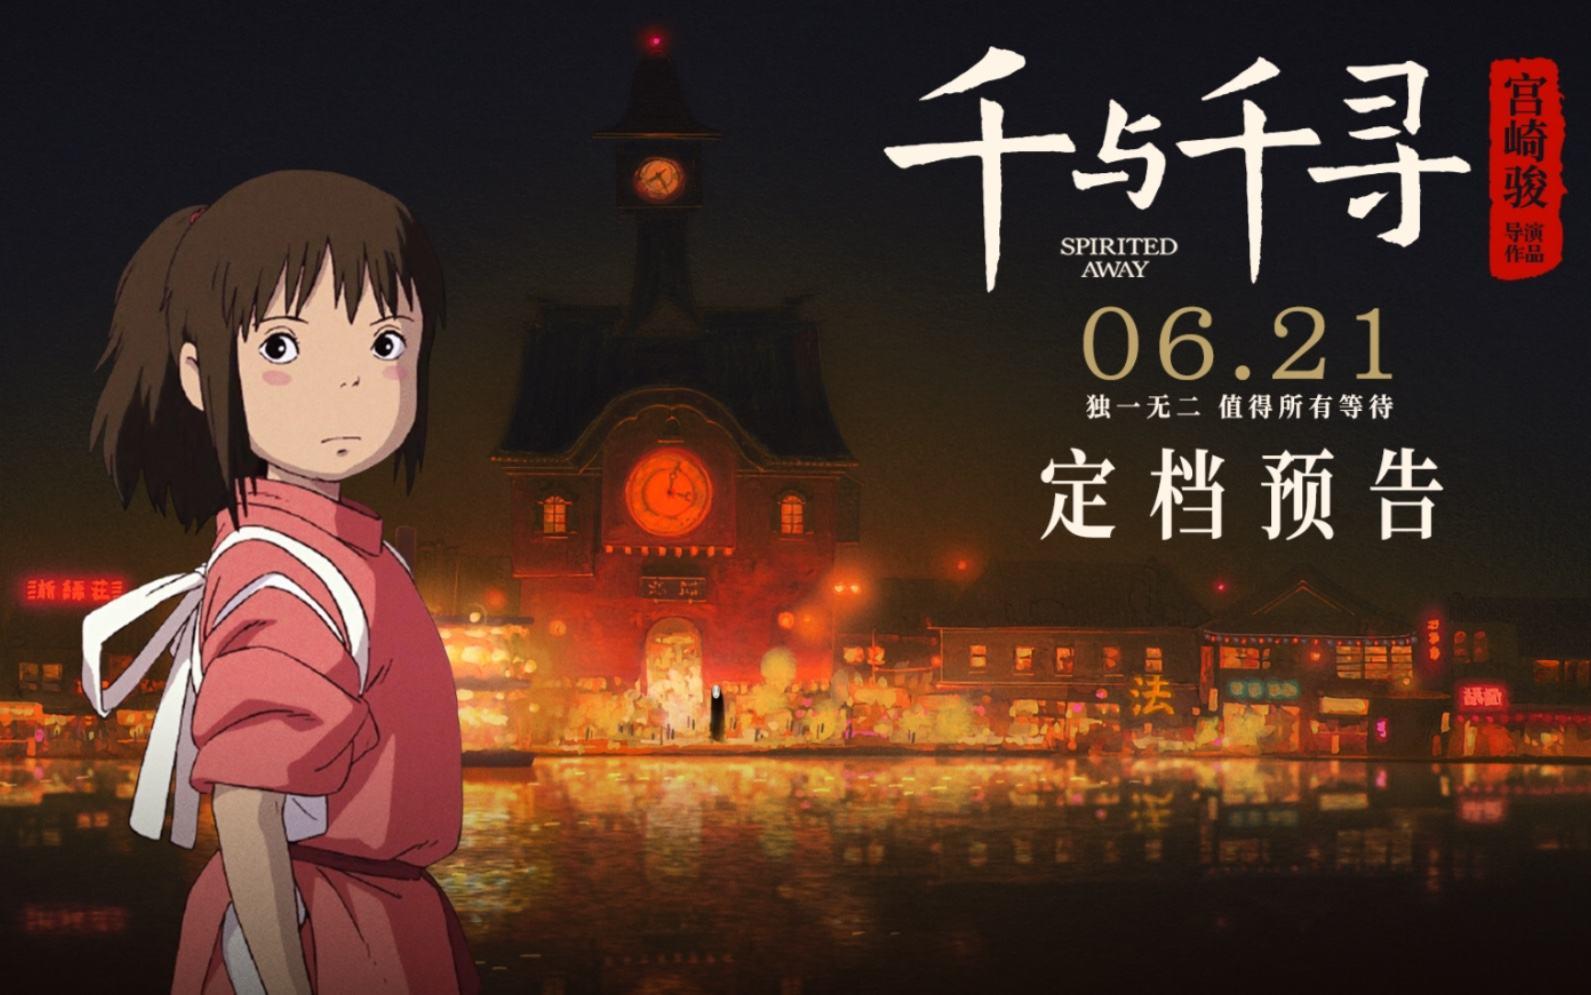 18年后再次走入宫崎骏的童话世界,重新认识《千与千寻》